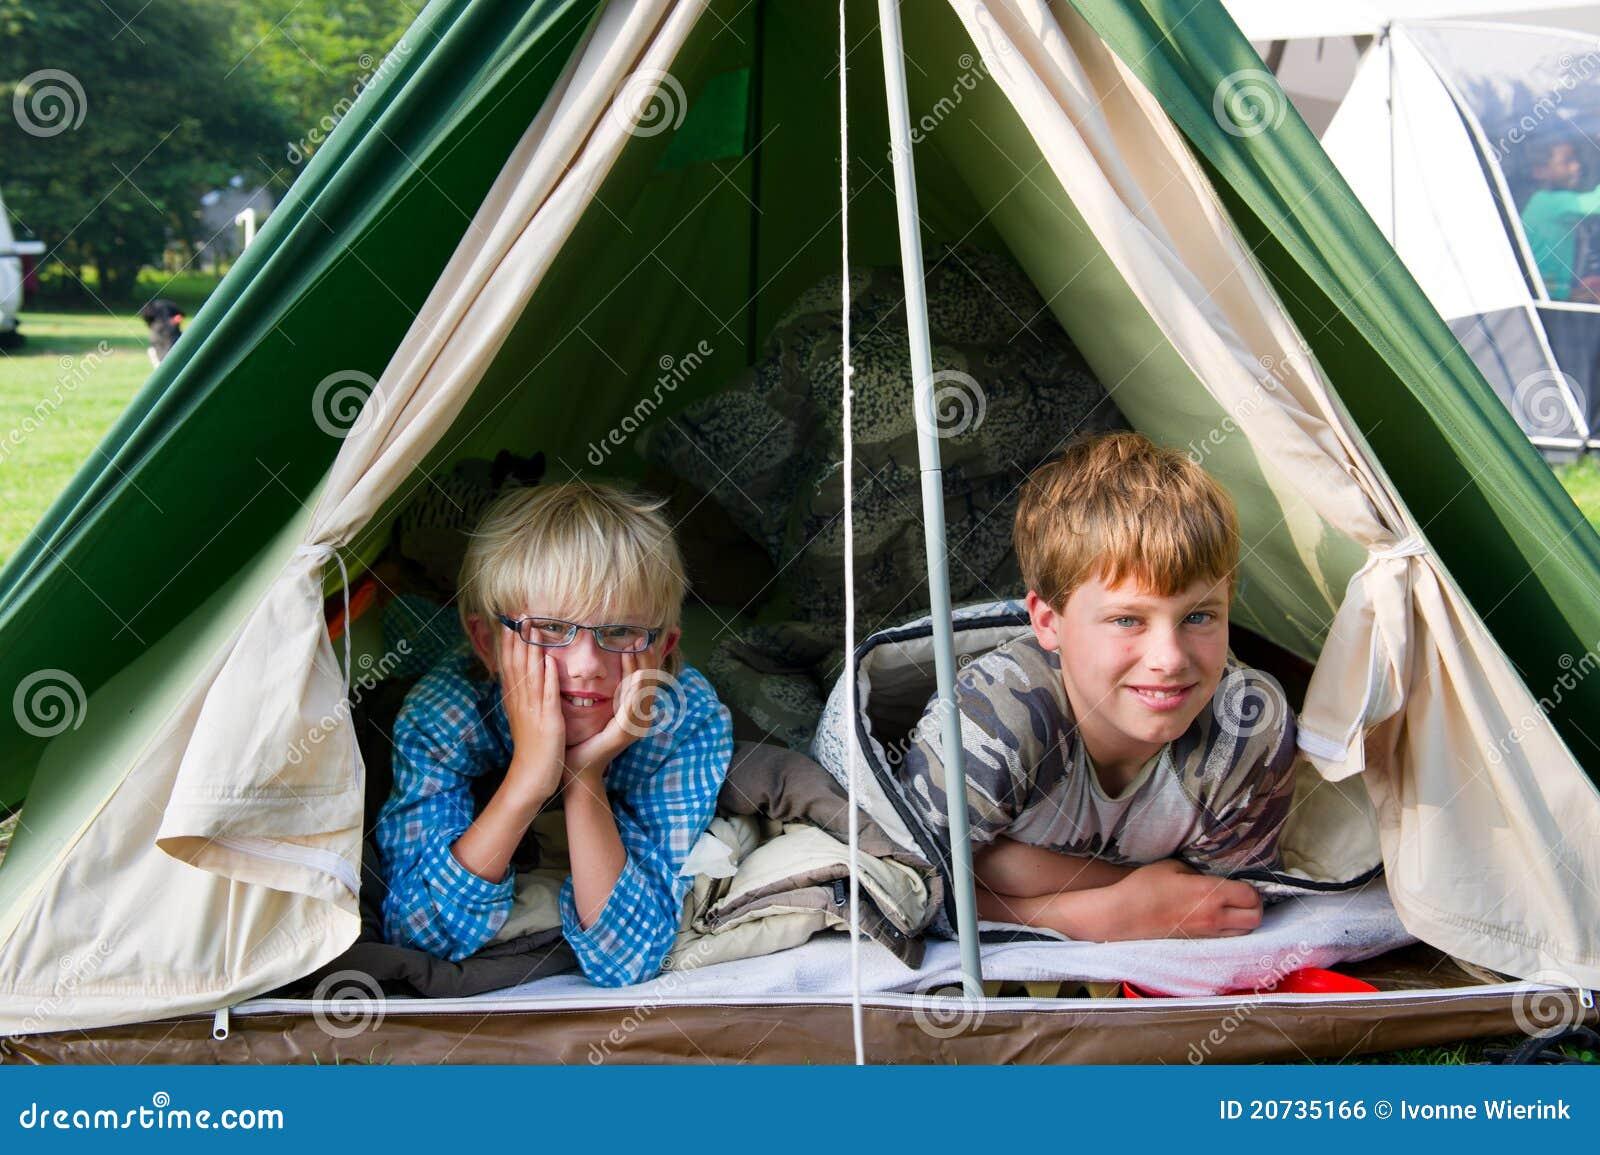 Zelt Im Koffer : Jungen im zelt stockfoto bild von jung legen